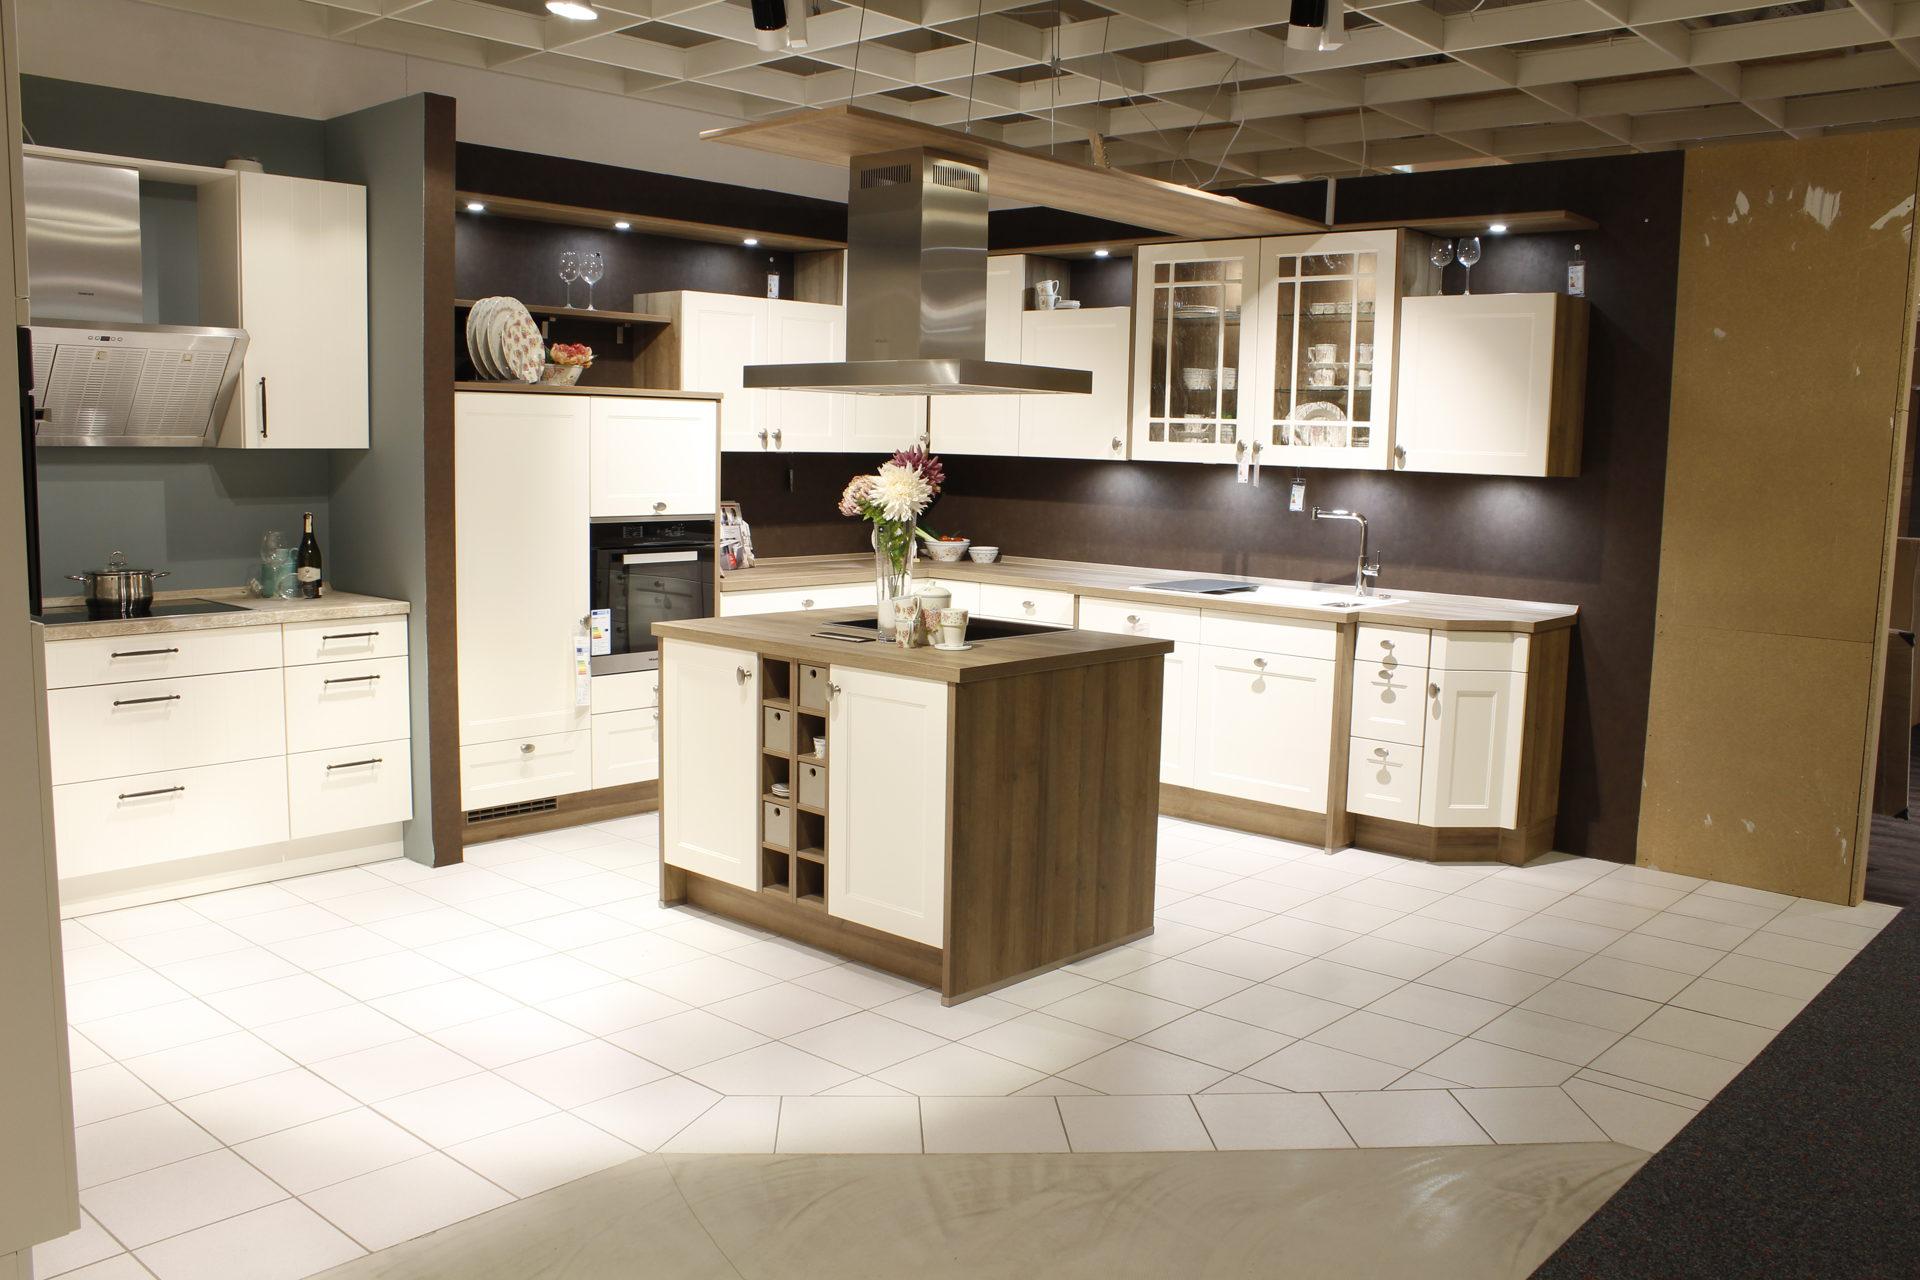 Möbel Eilers Apen, Räume, Küche, Ausstellungsküche ...